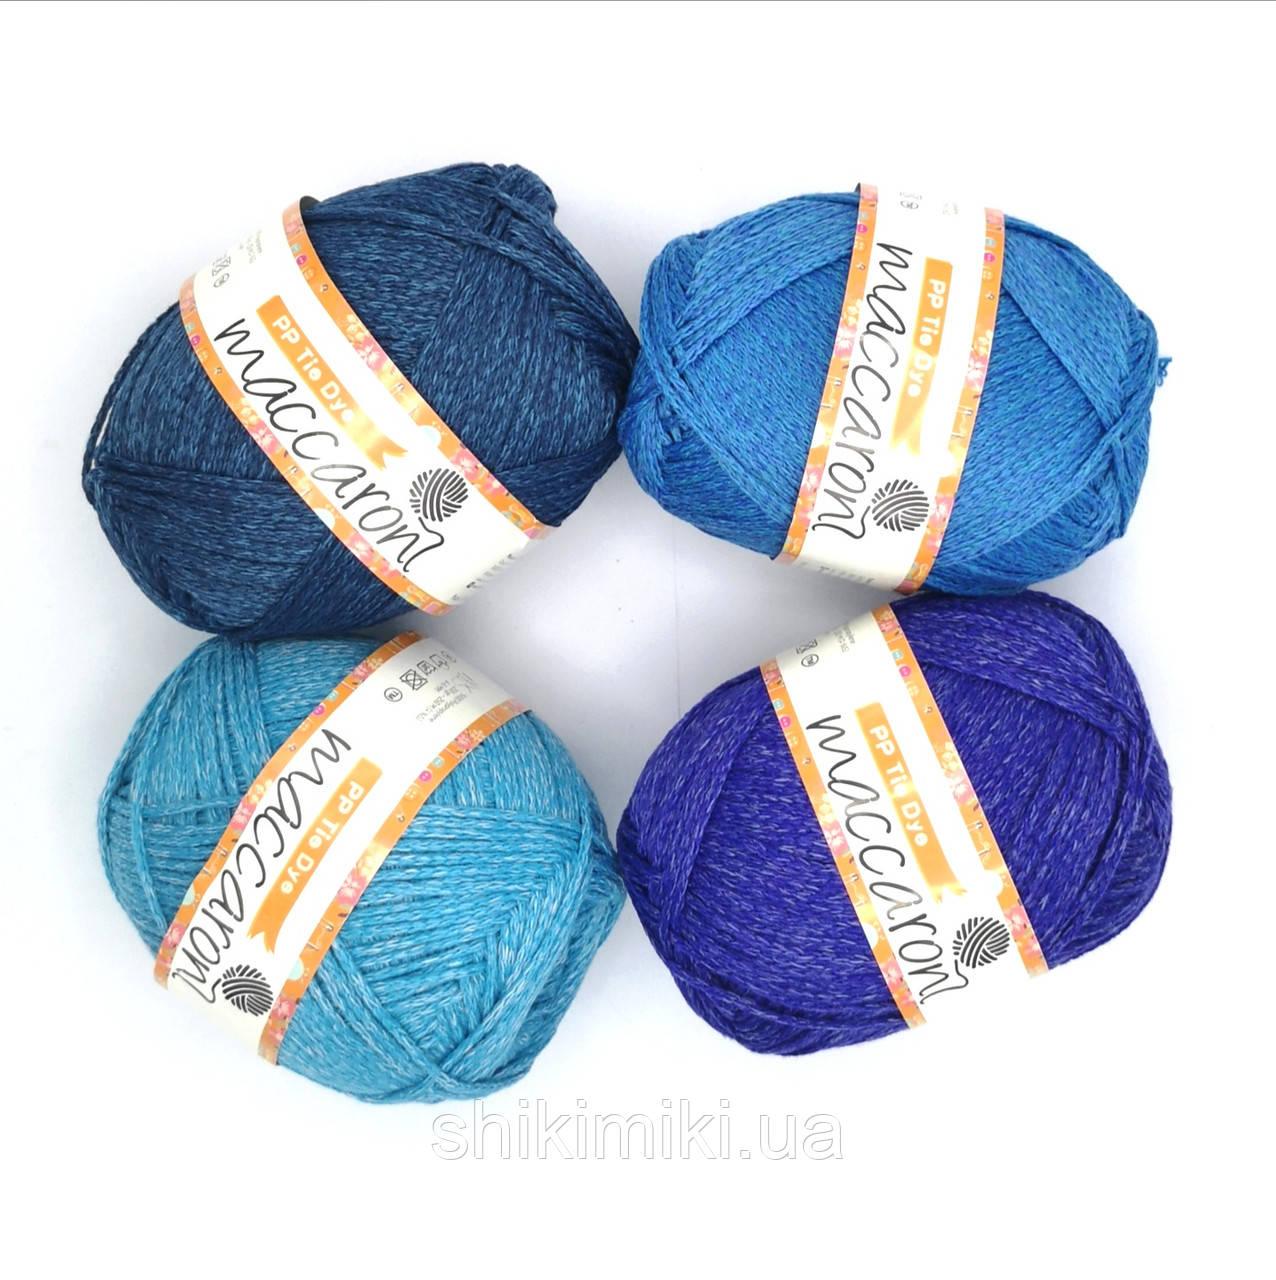 Трикотажный шнур PP Tie Dye, цвет Лазурный